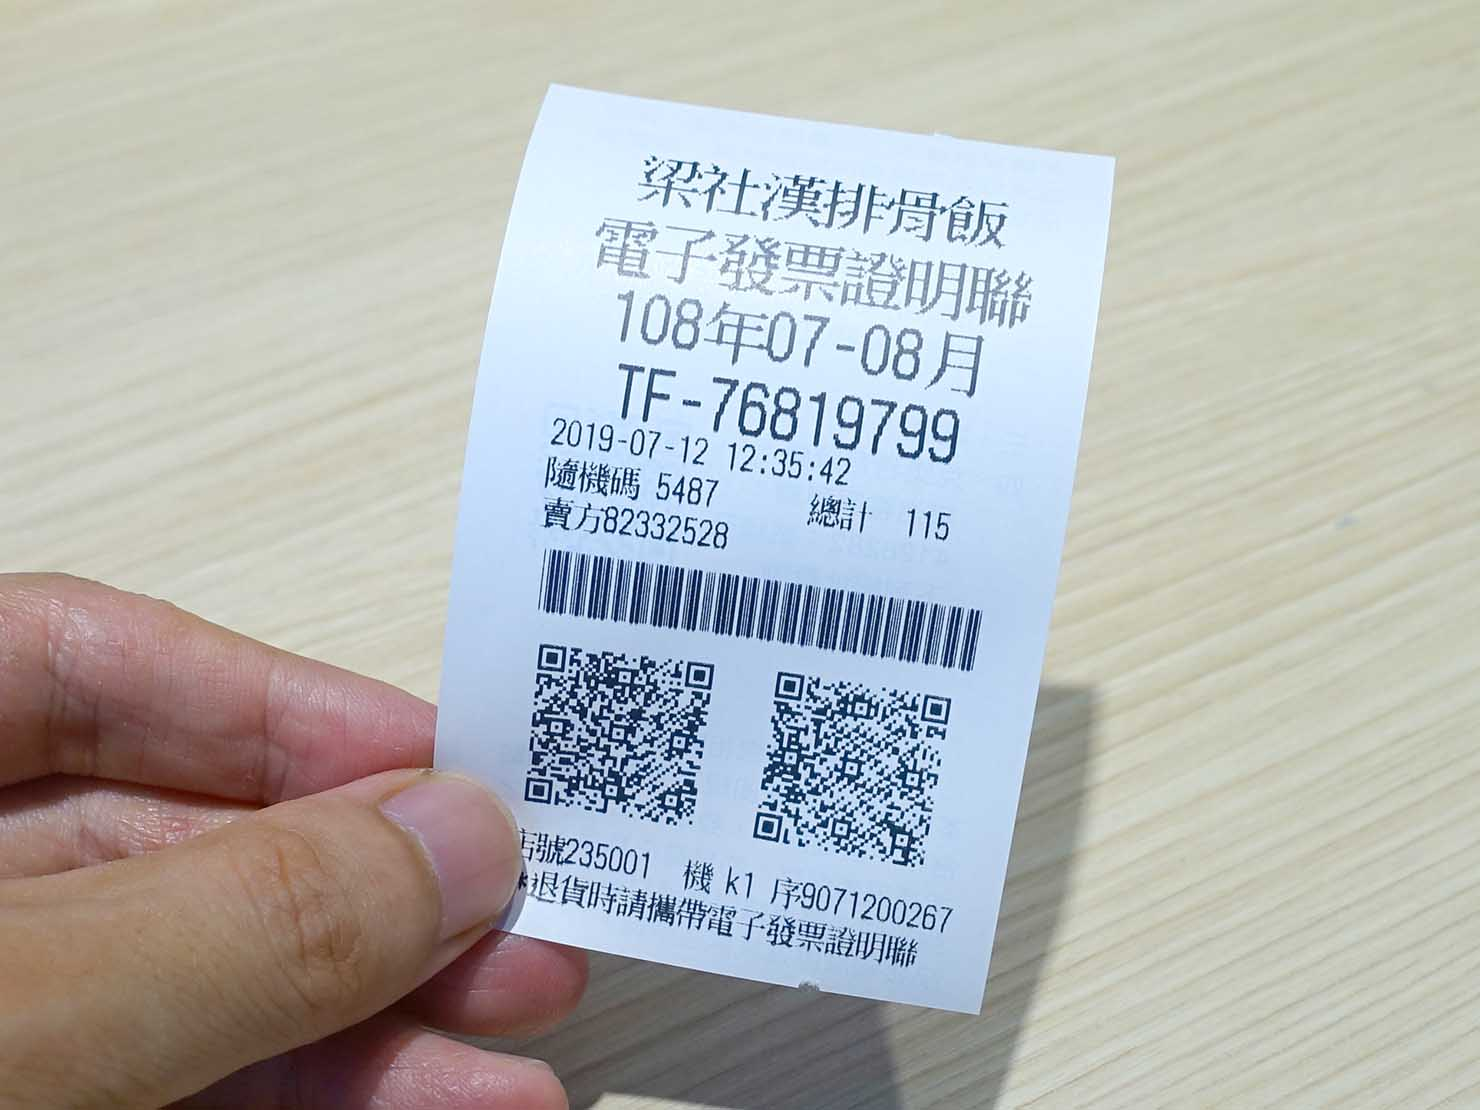 台湾のレシート「發票」